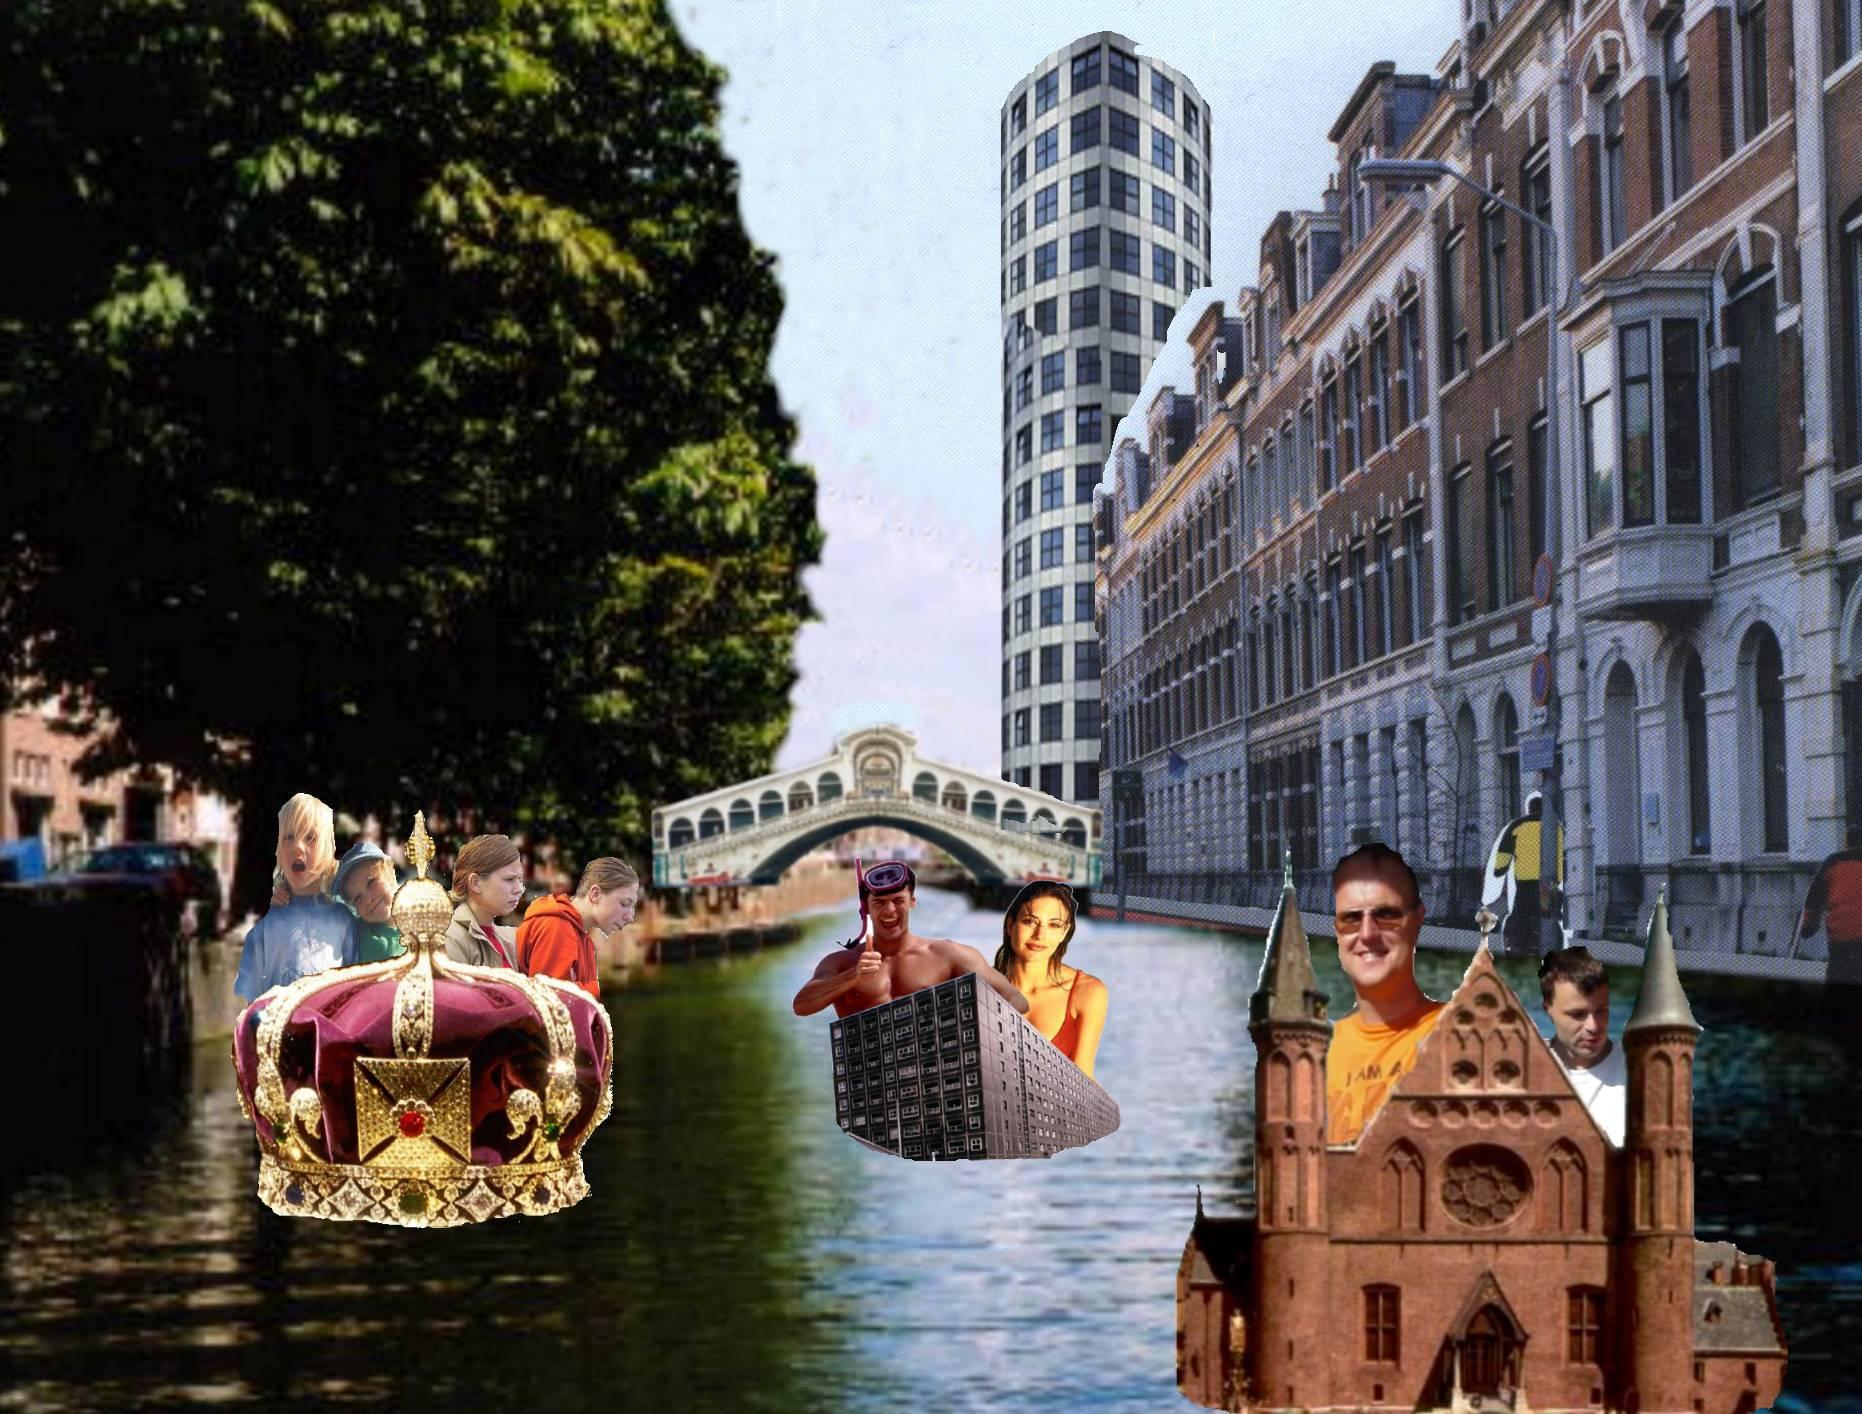 Madurodambootjes raamweg